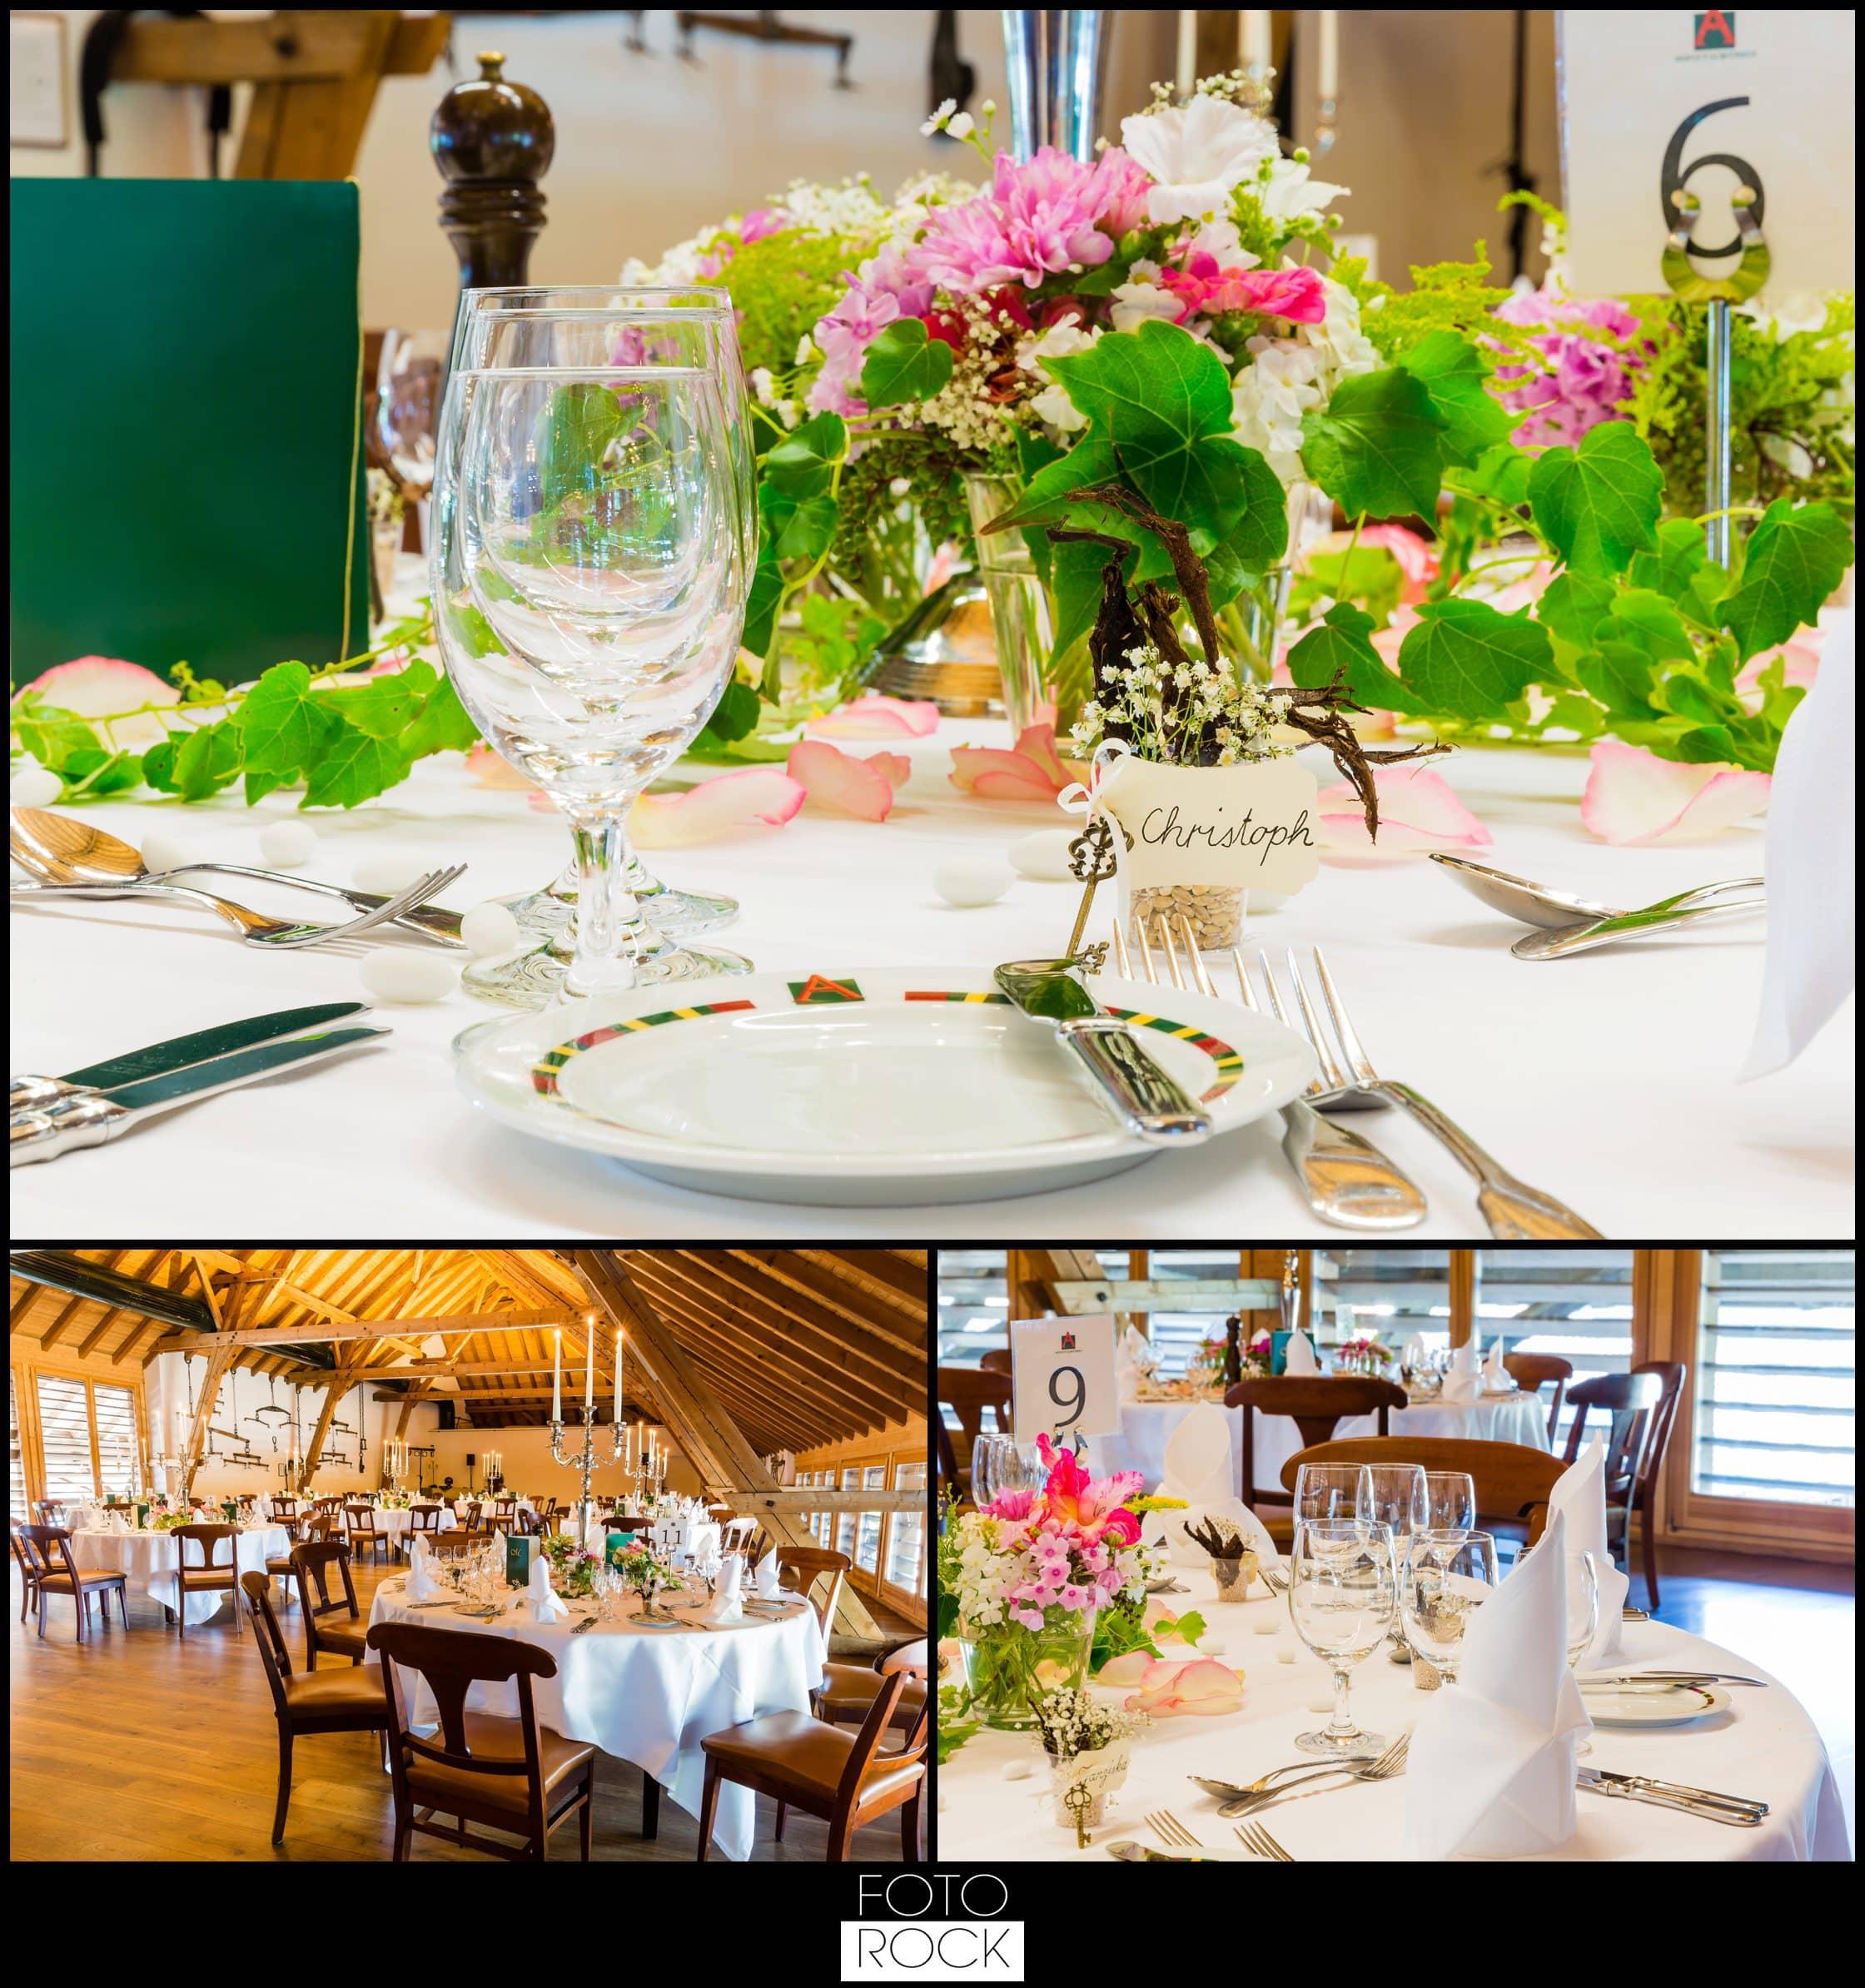 Hochzeit Rafz Albführen Location Holz Stühle Tische Deko Dekoration Kerzen Blumen